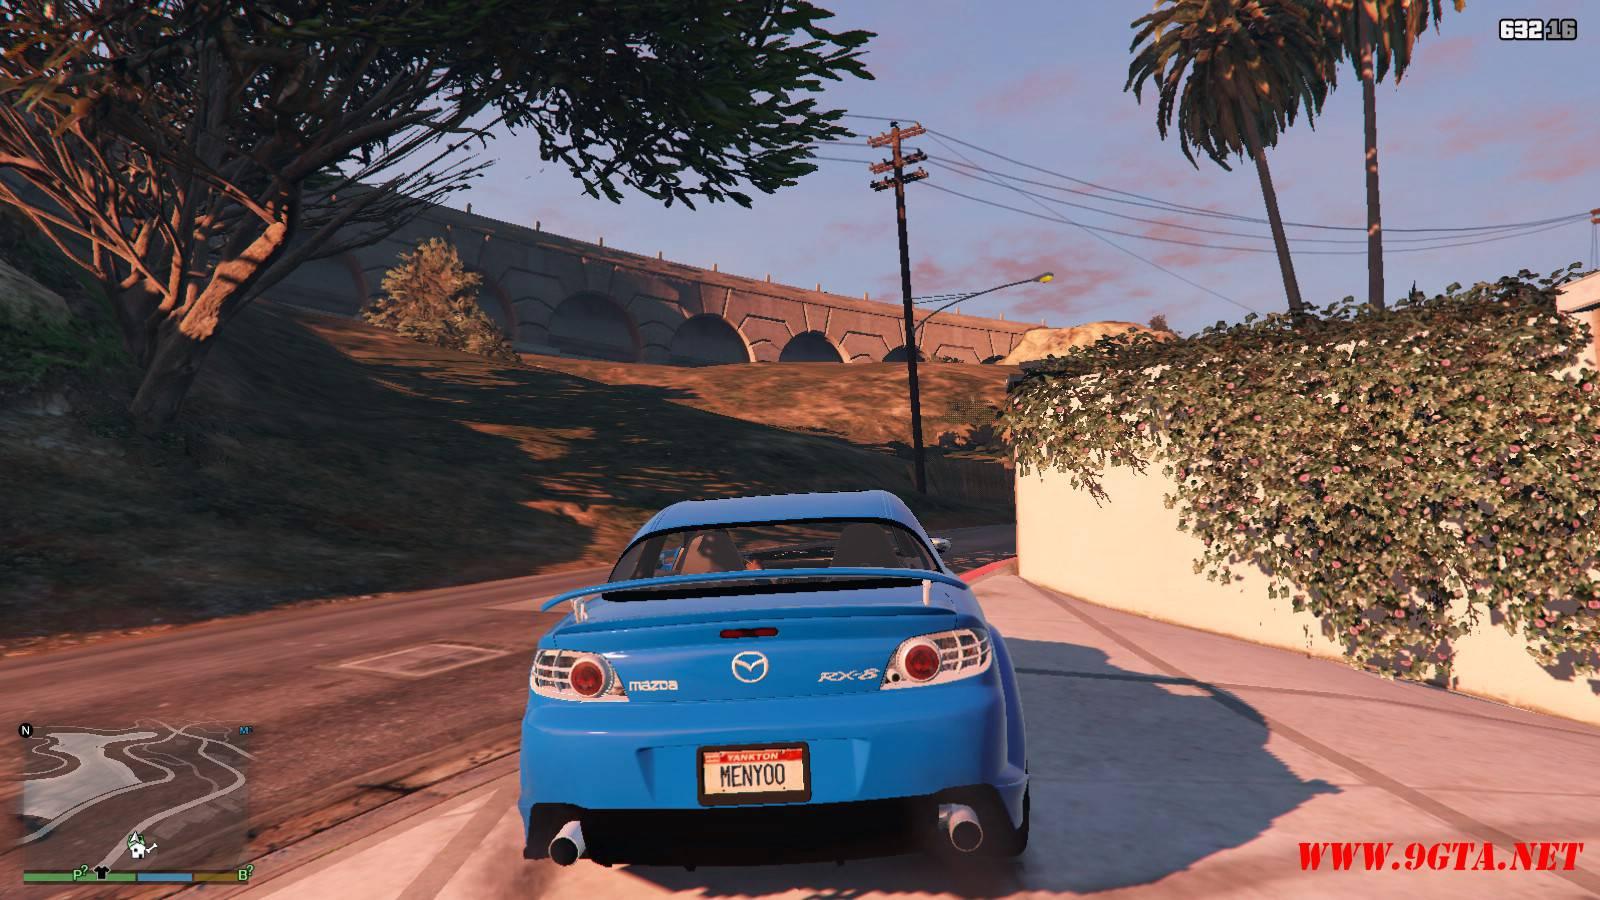 Mazda RX-8 Mazdaspeed FE3S GTA5 mods (3)